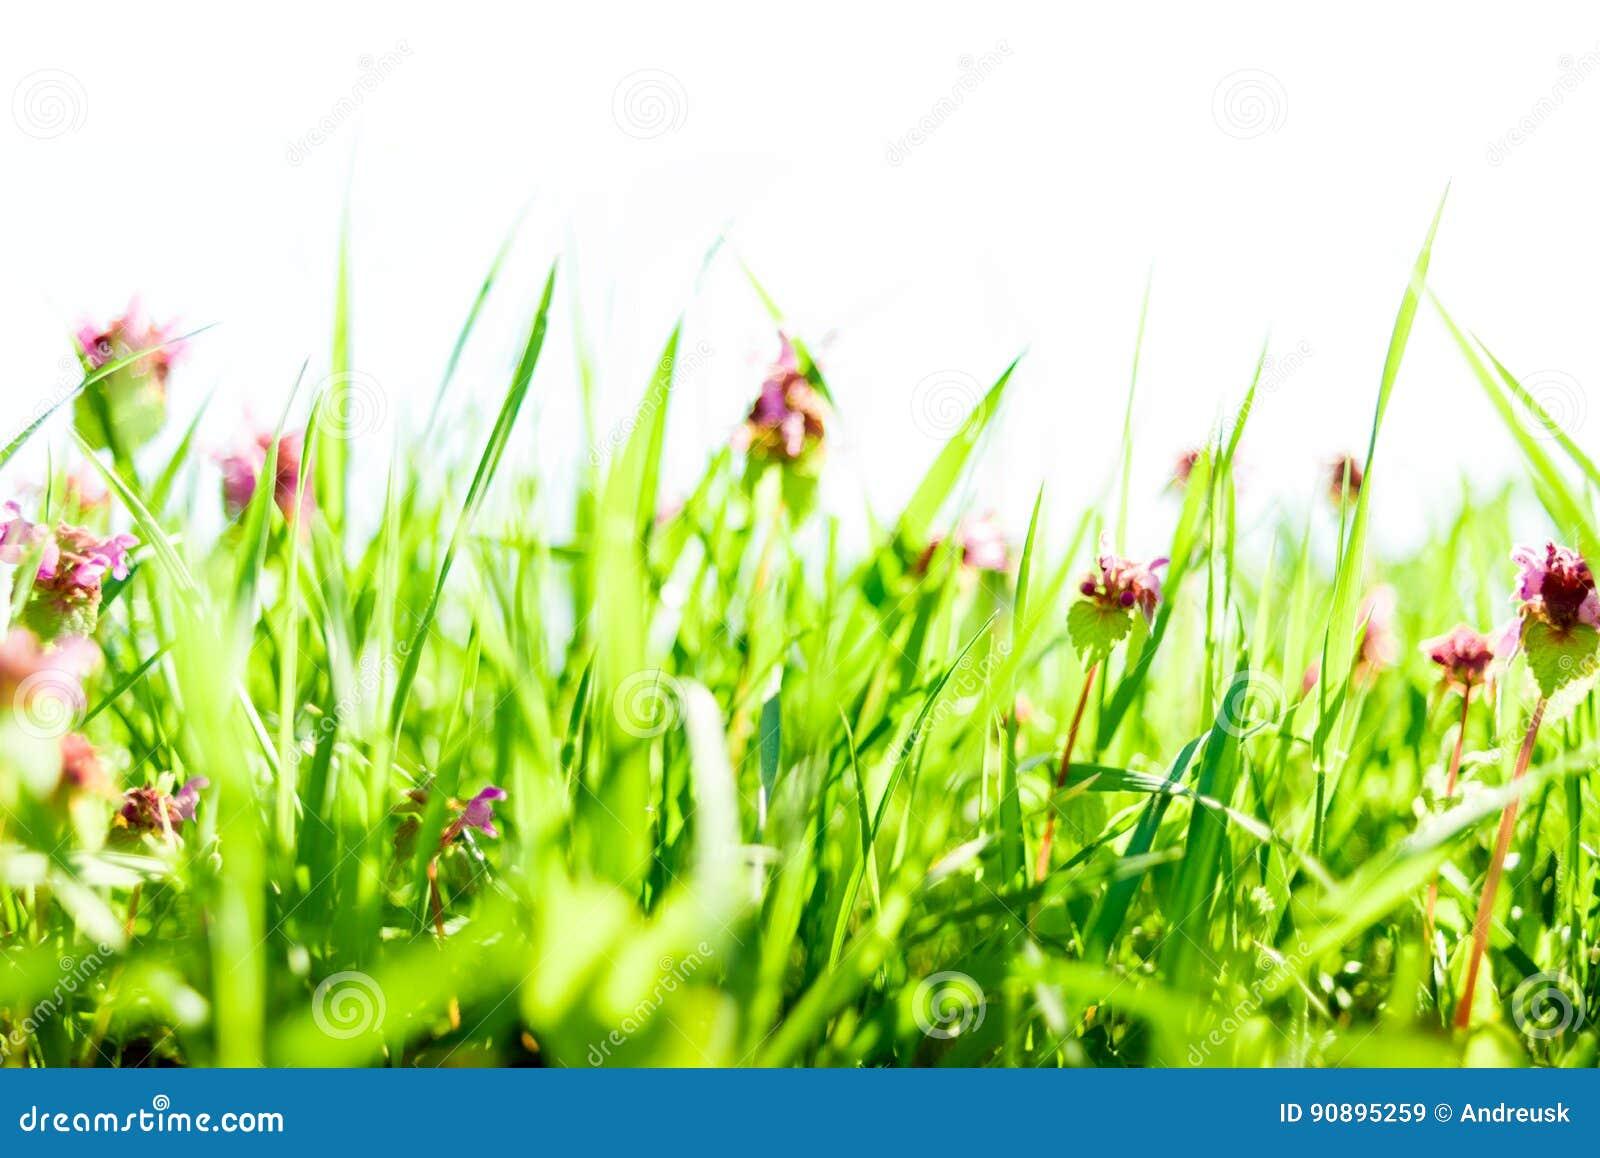 De achtergrond van het de lentegras